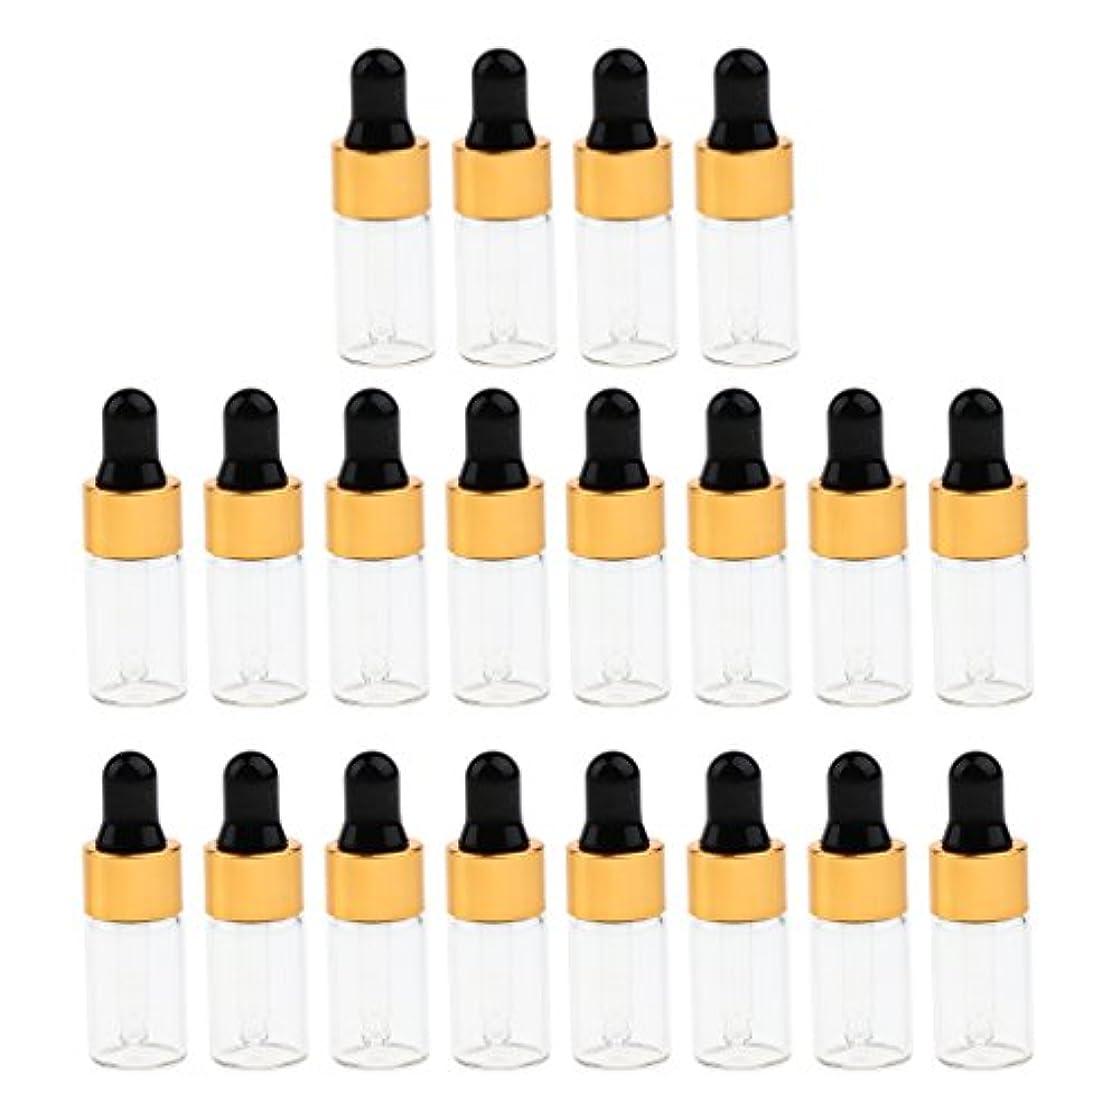 テセウス交響曲ユーモラスCUTICATE エッセンシャルオイル コスメ 詰替え容器 サンプルボトル ドロッパーピペットボトル 3サイズ選べ - 3 ミリリットル